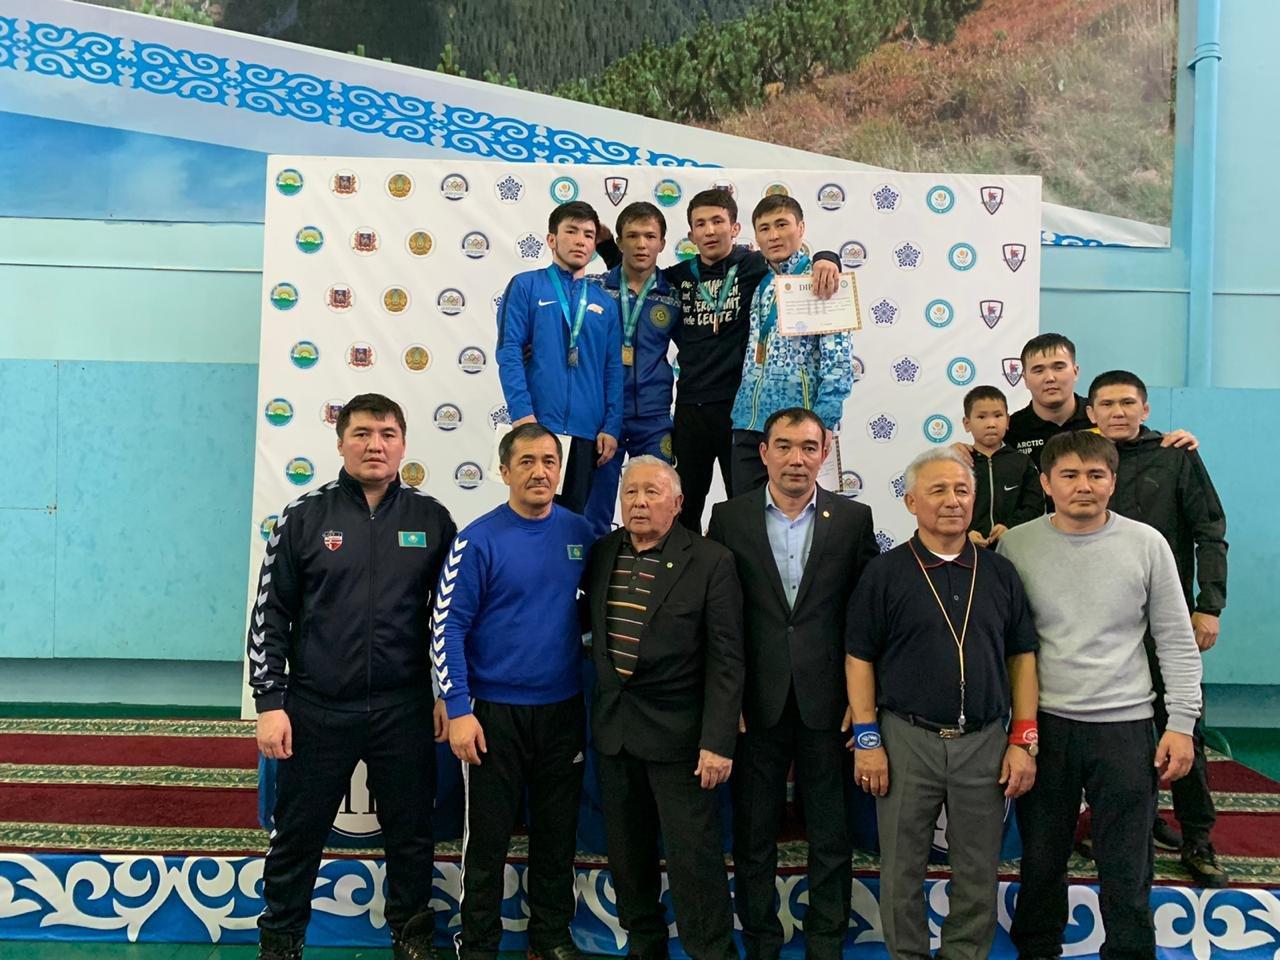 Тяжеловес из Мангистау стал чемпионом Казахстана по греко-римской борьбе, фото-2